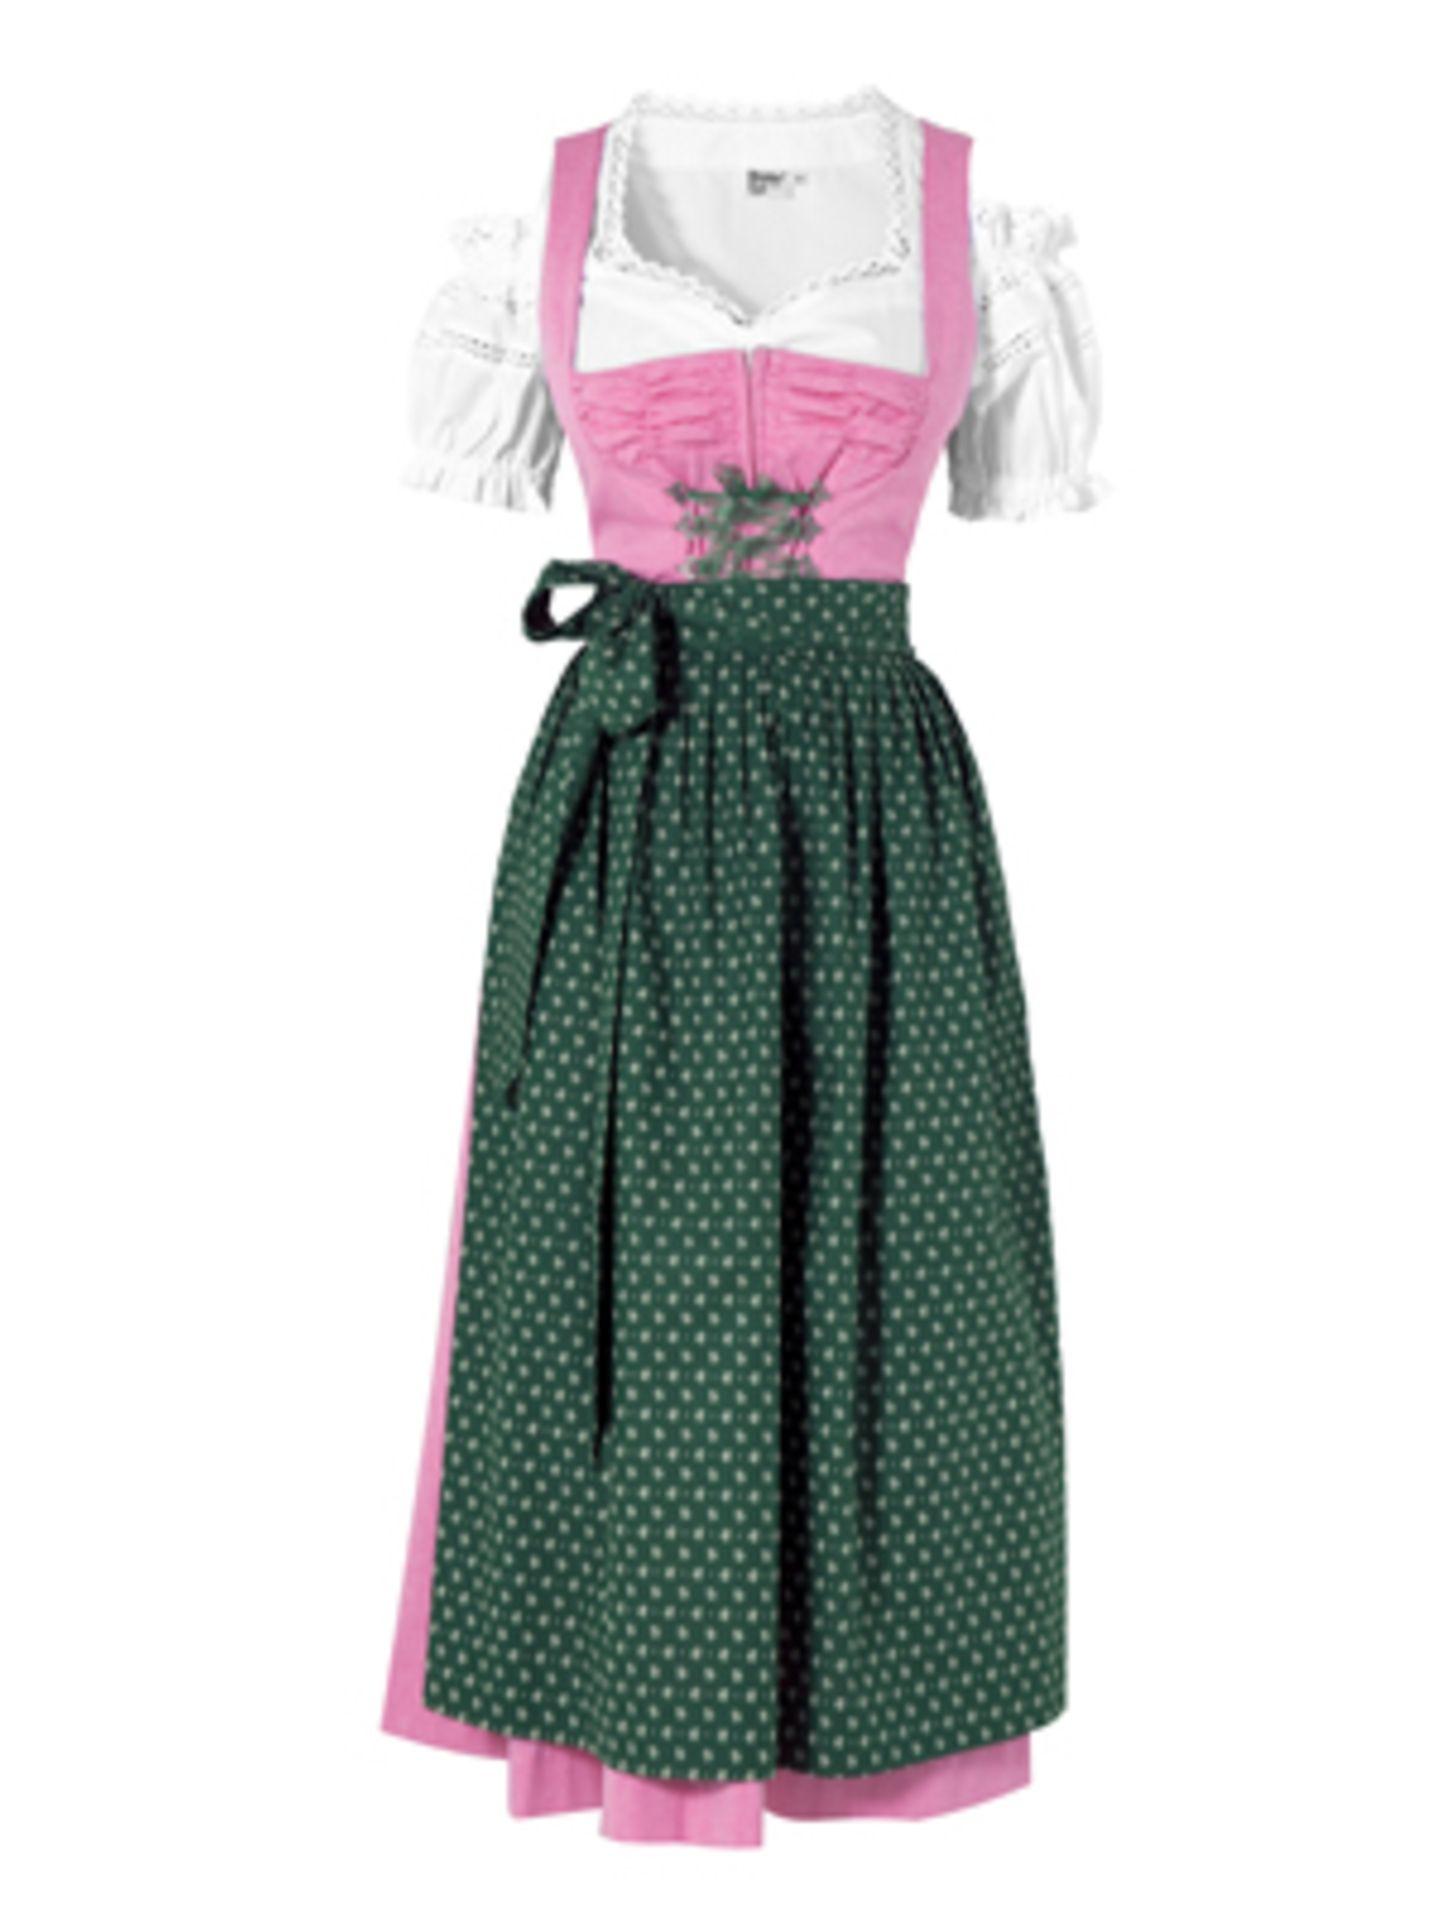 Bodenlanges Dirdl in Rosa mit kurzärmeliger Spitzen-Bluse und grüner Schürze von K&L. Dirndl um 80 Euro, Bluse um 25 Euro.